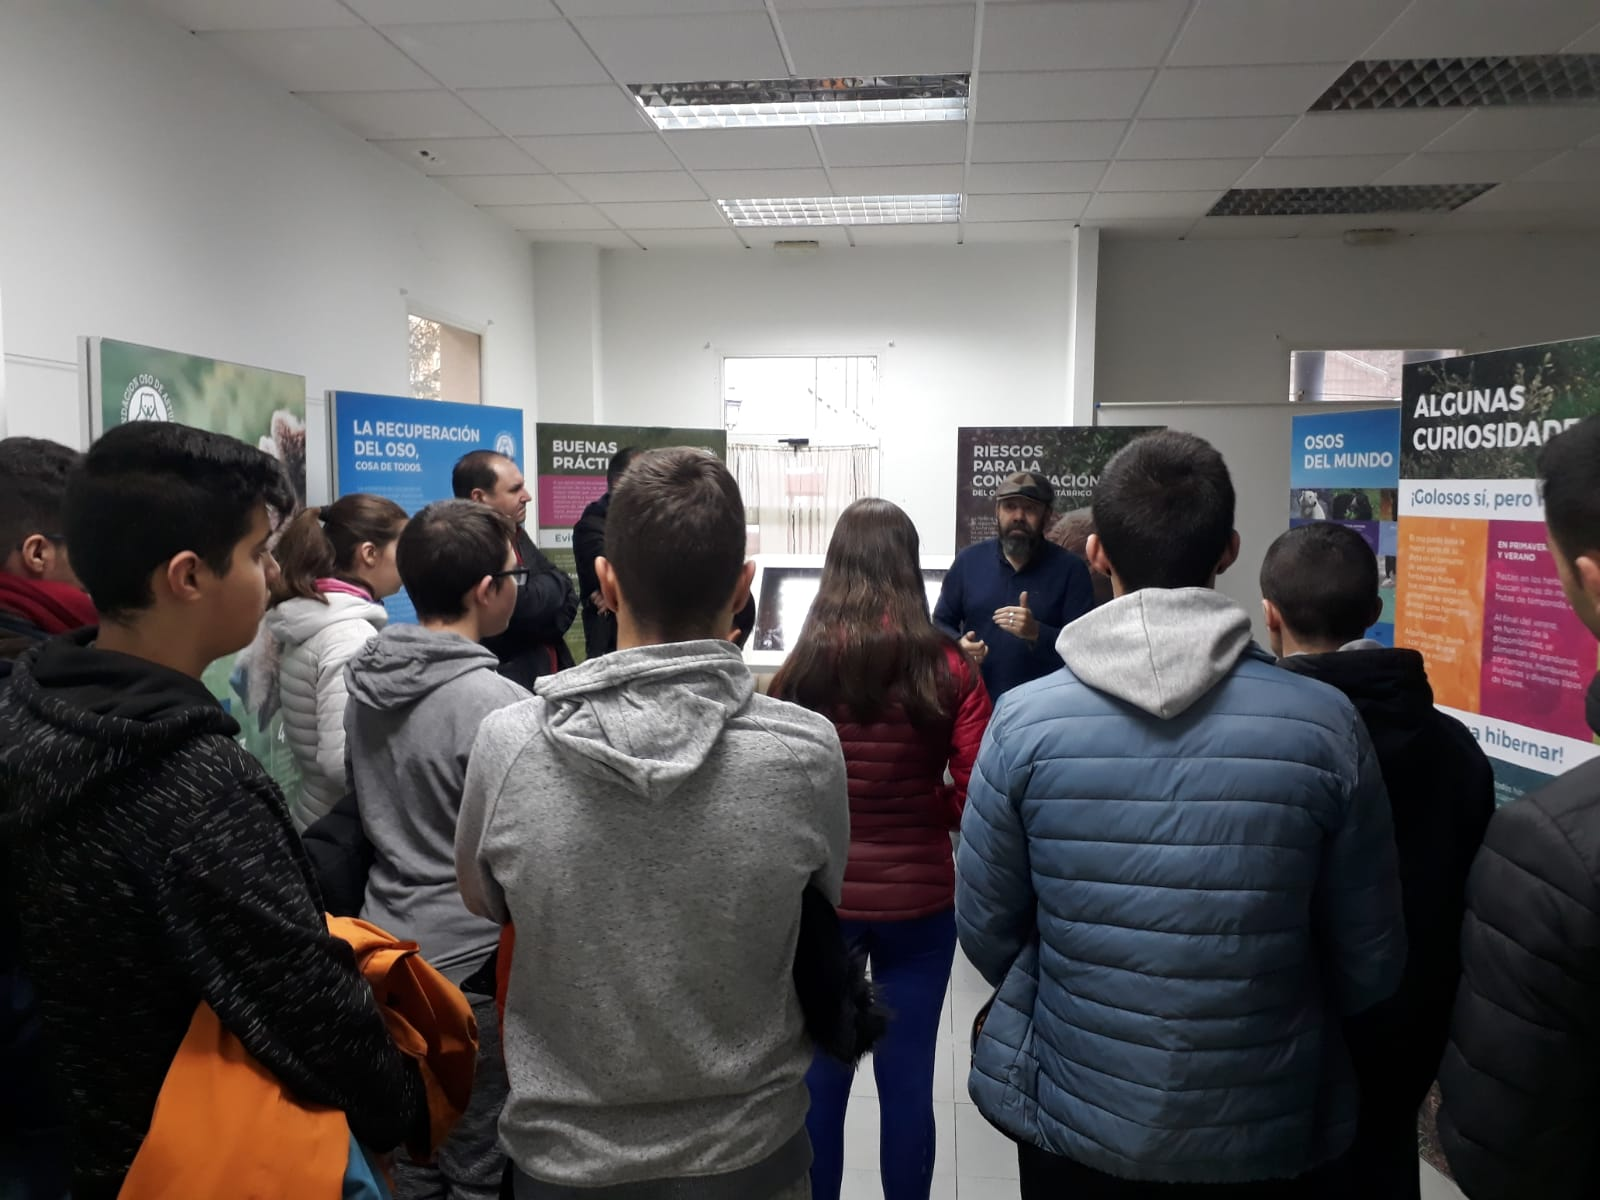 Degaña y Navelgas también acogieron la exposición 'Osos'